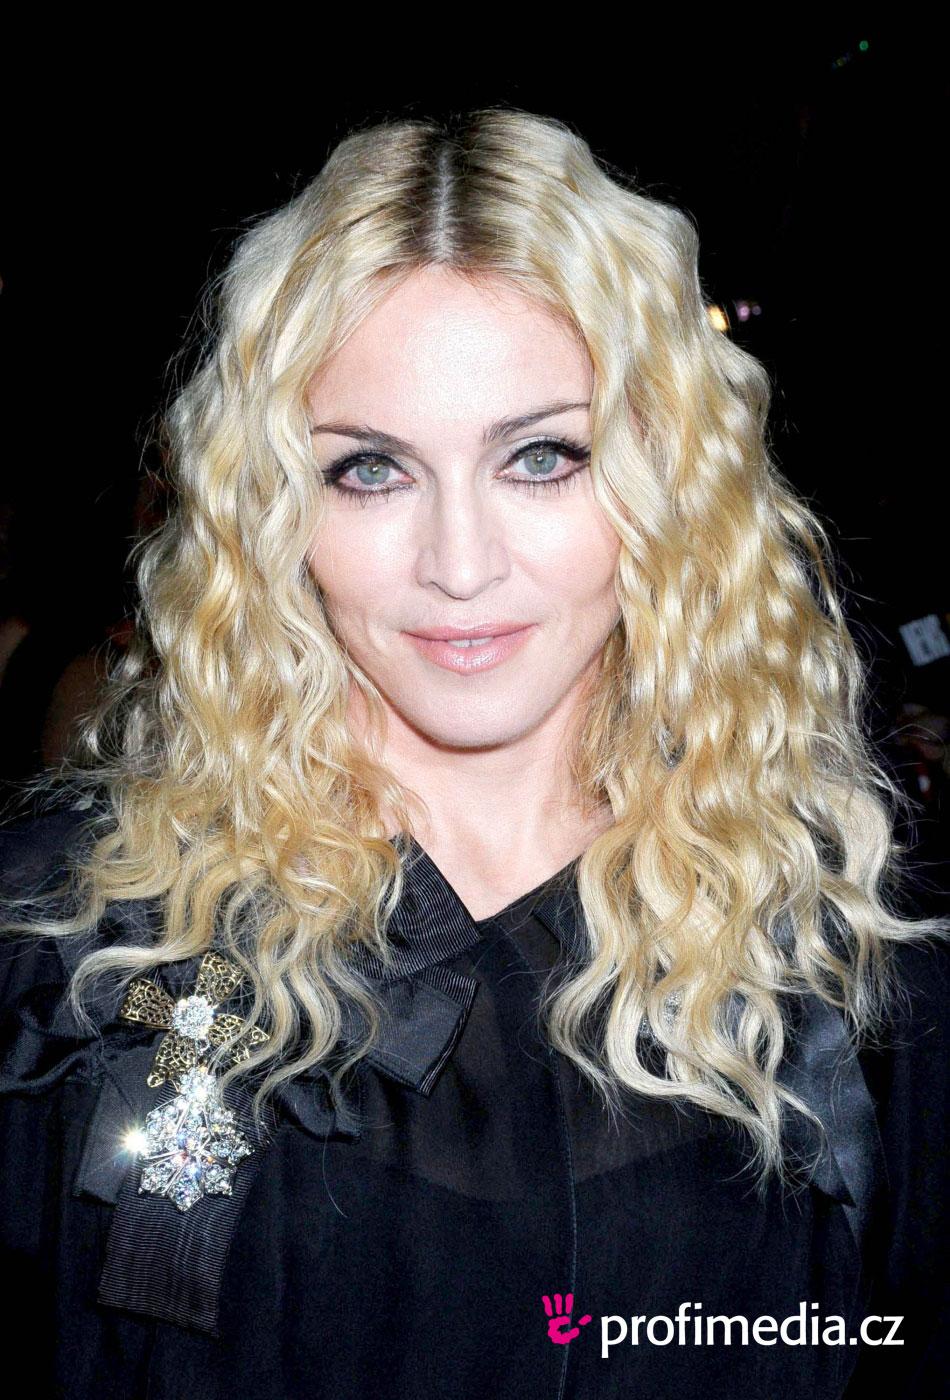 Madonna: Madonna Hairstyles